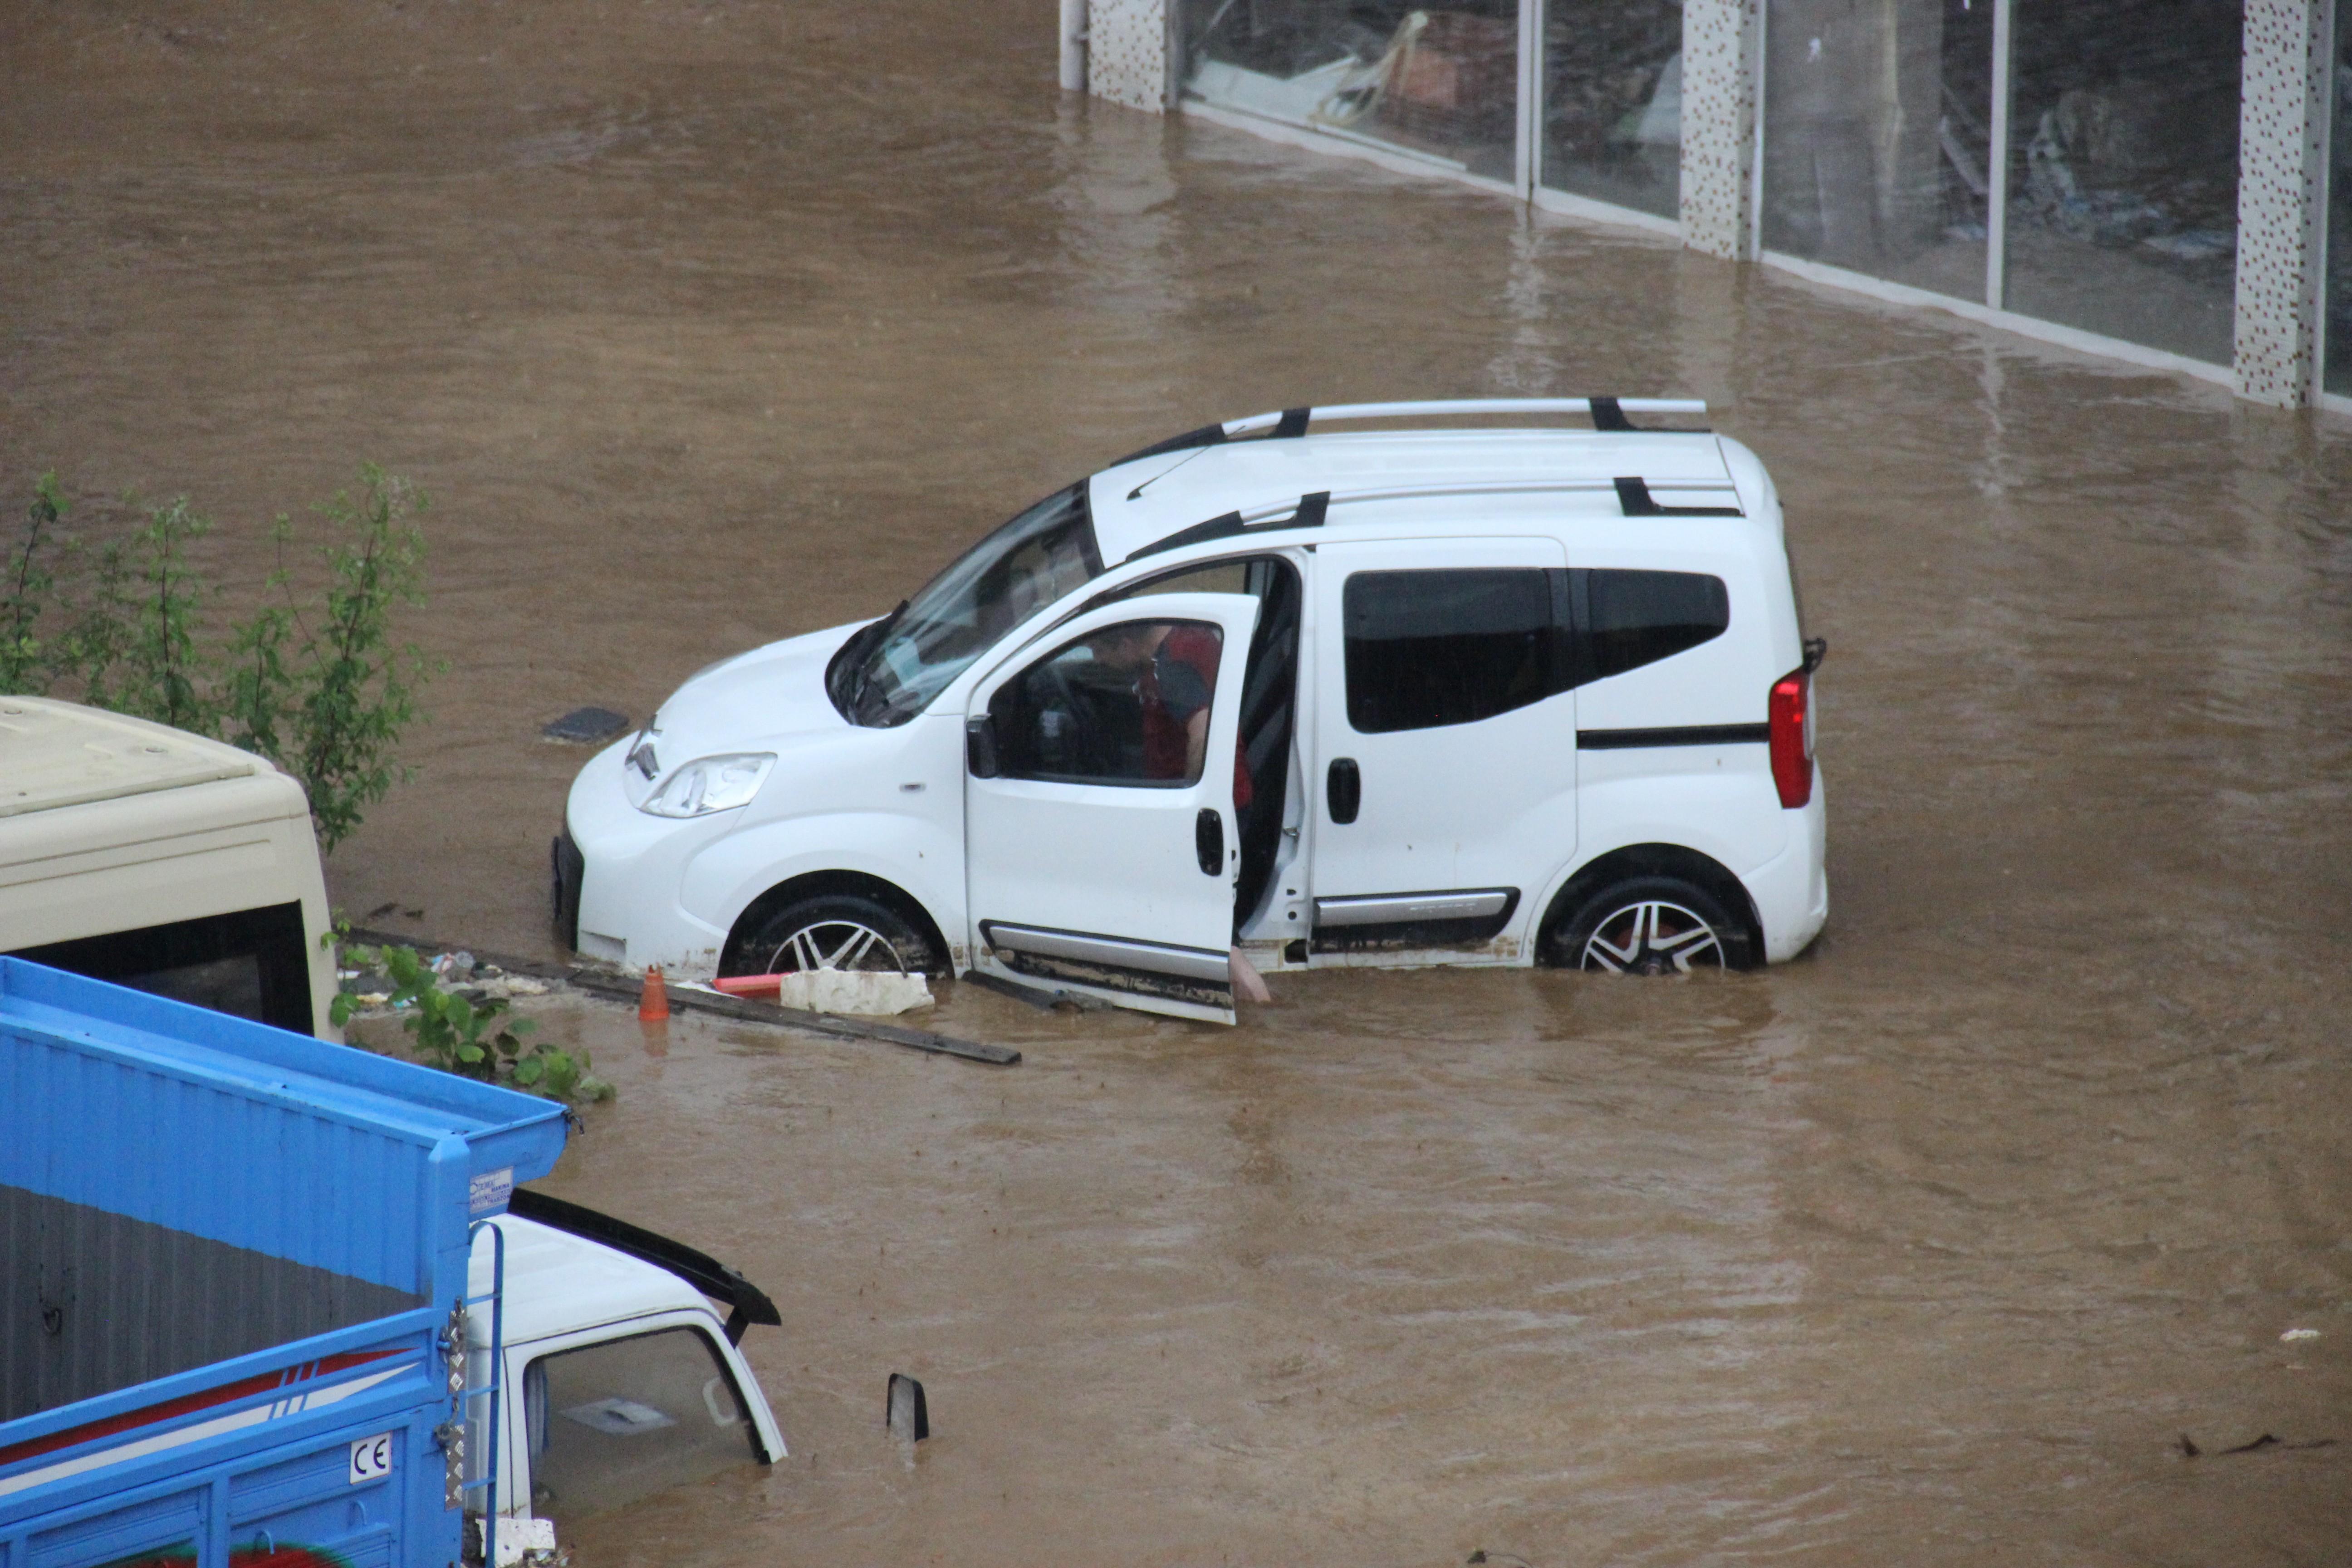 Rize'deki yağışlarda son 91 yılın rekoru kırıldı #10